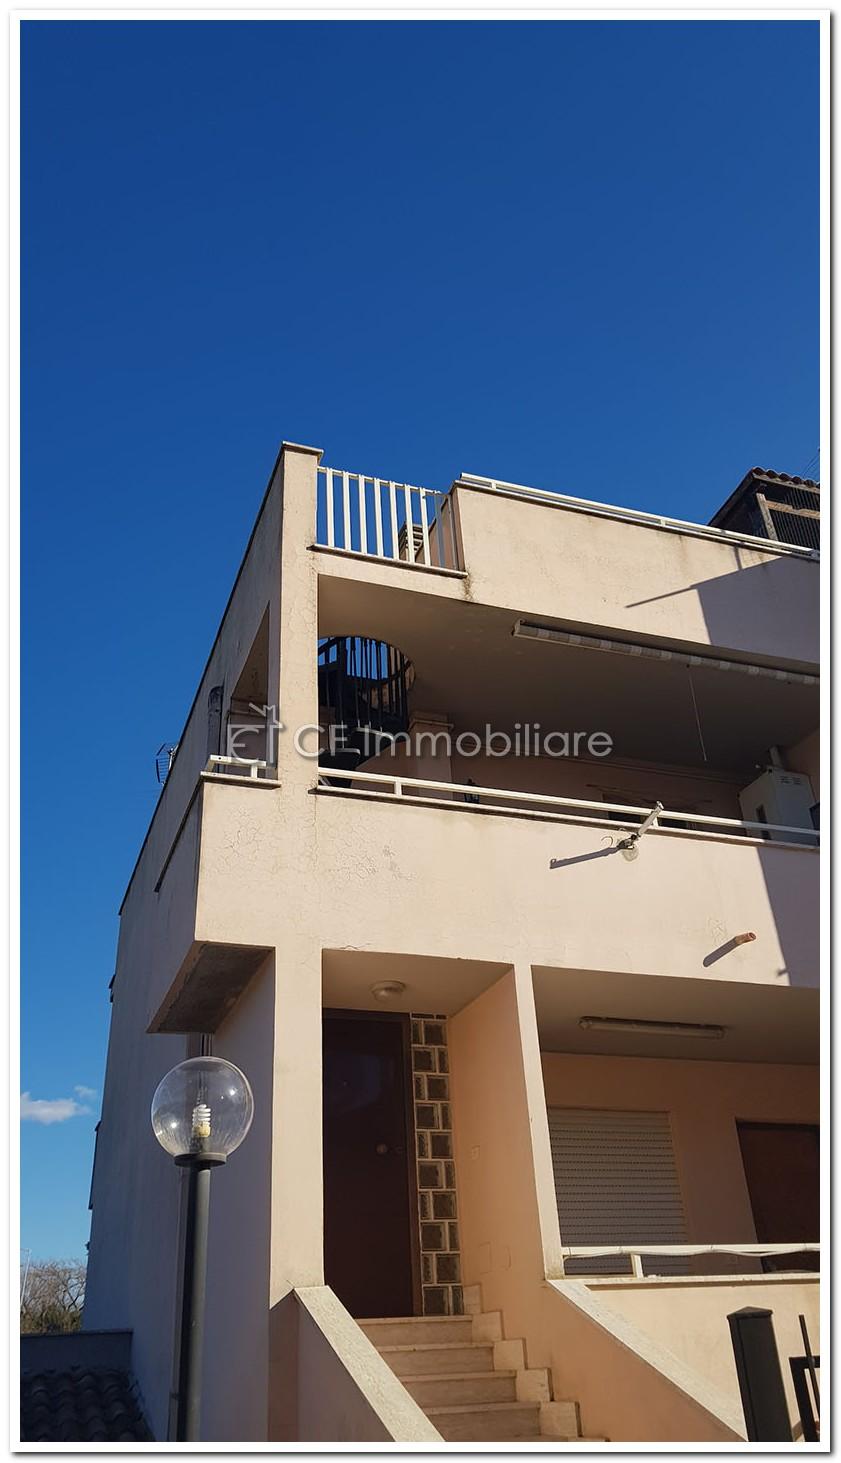 Santa Marinella Bilocale indipendente con ampia terrazza esclusiva